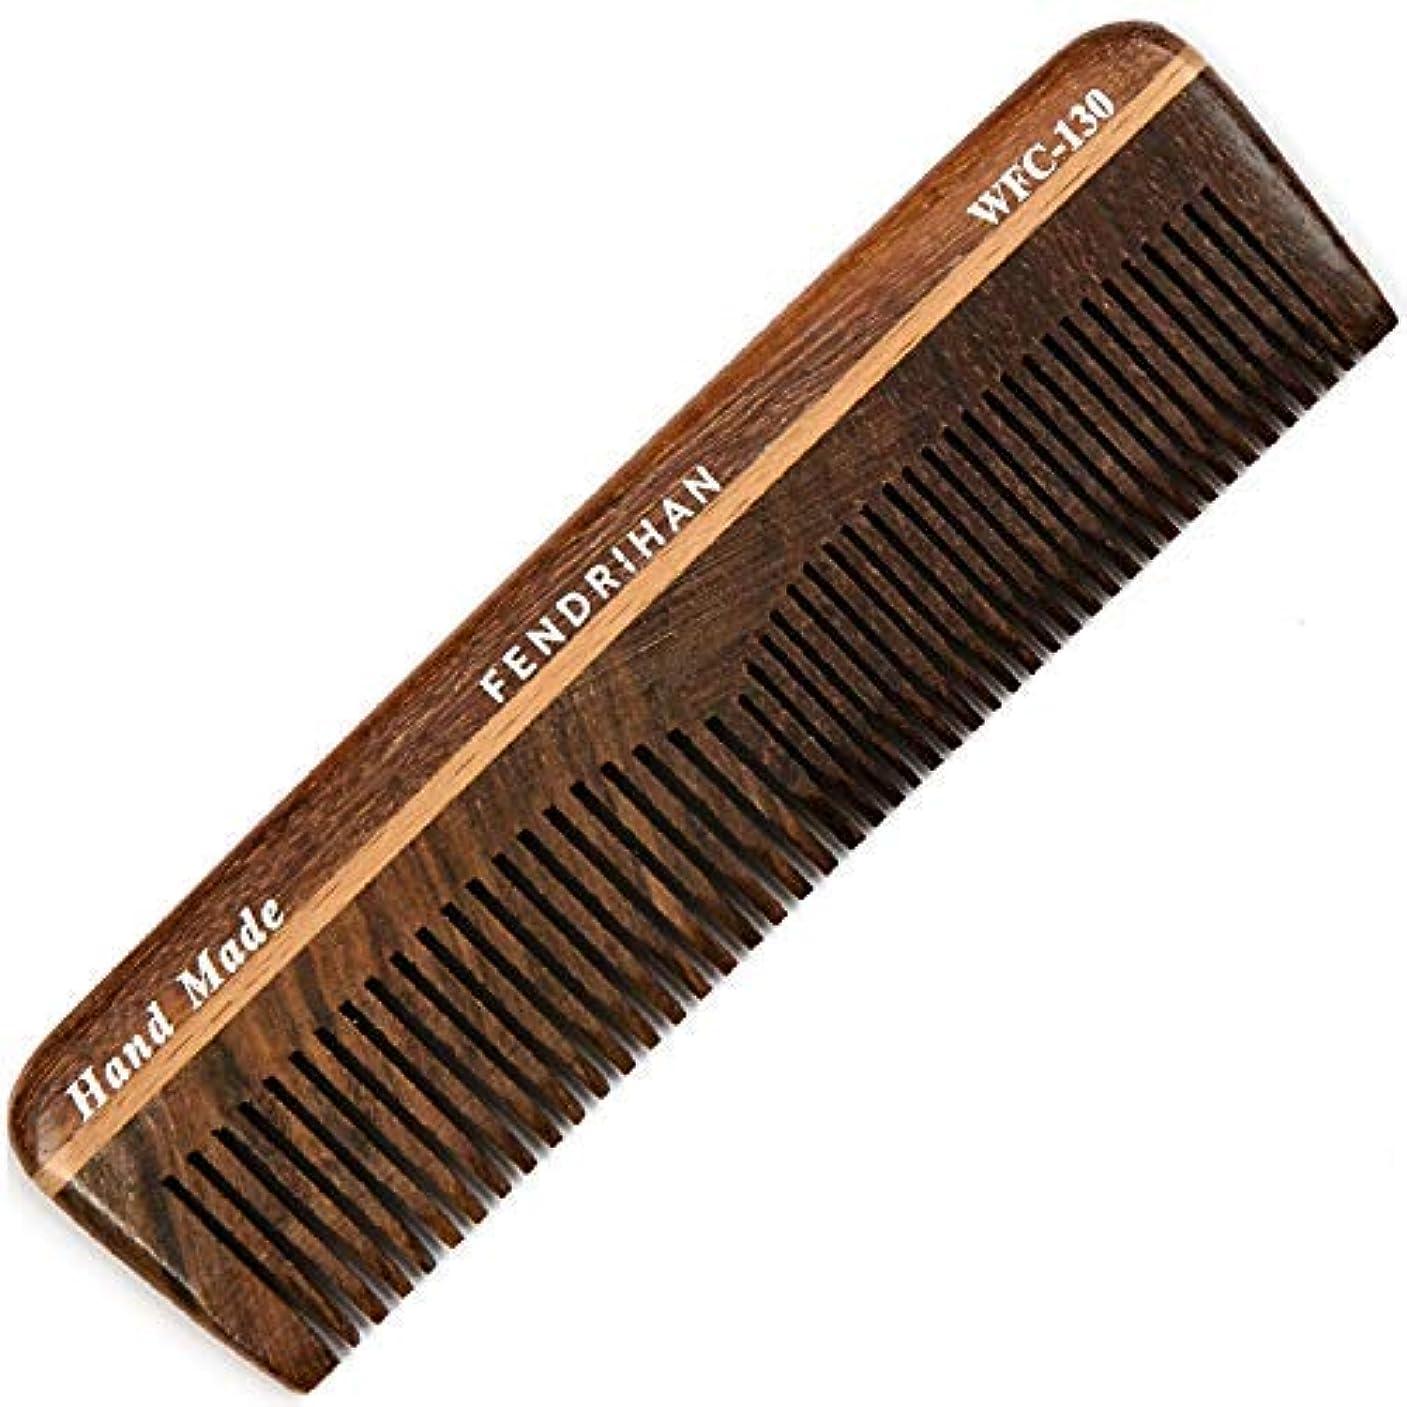 図書館滝ラッシュFendrihan Wooden Double-Tooth Pocket Barber Grooming Comb (5.1 Inches) [並行輸入品]